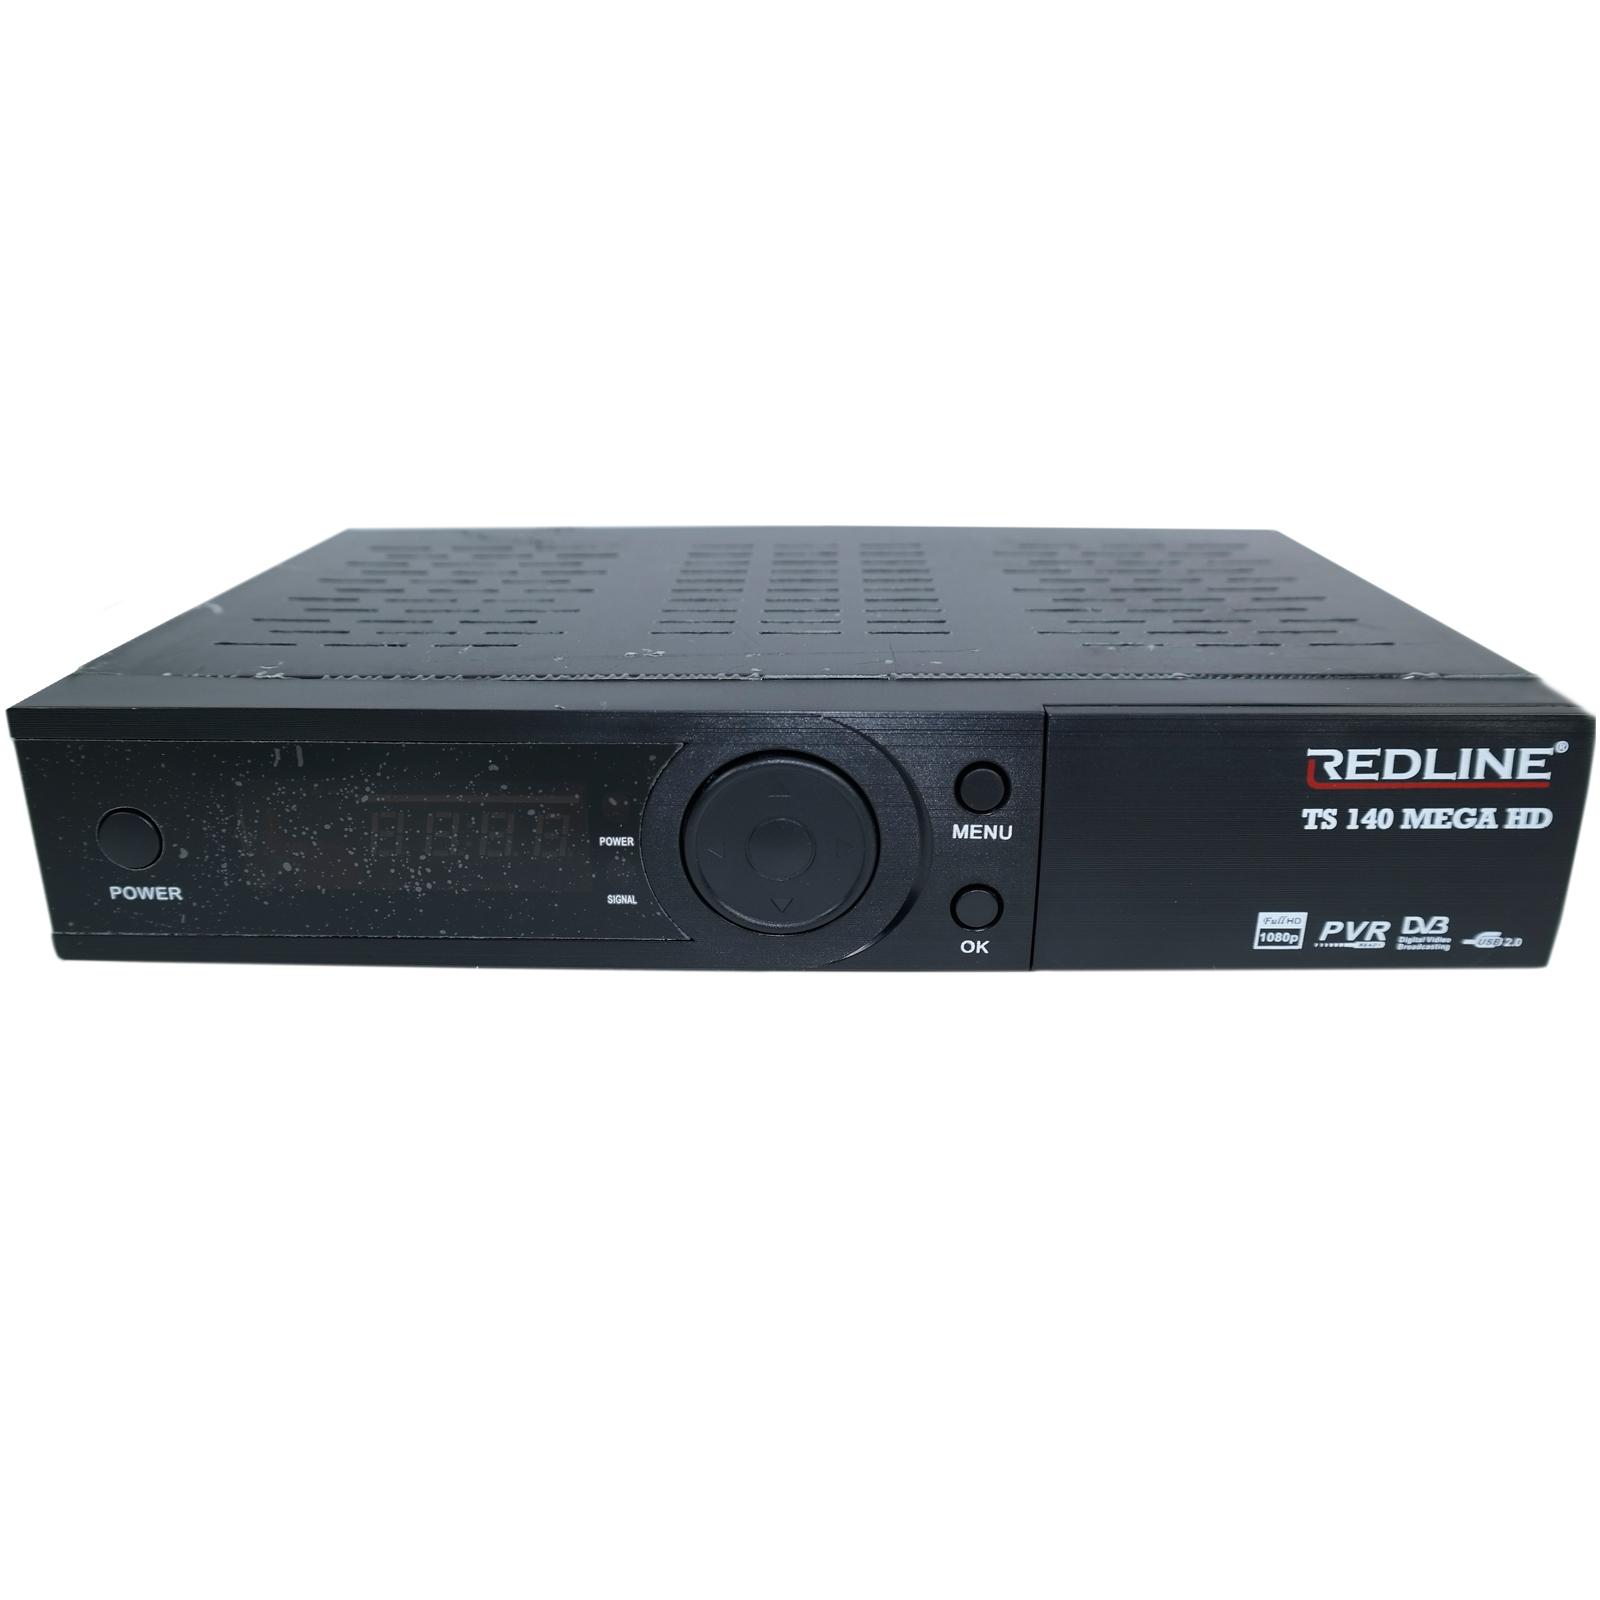 Redline Ts 140 Mega Hd Plus Full Hd Sat Fta Usb Receiver